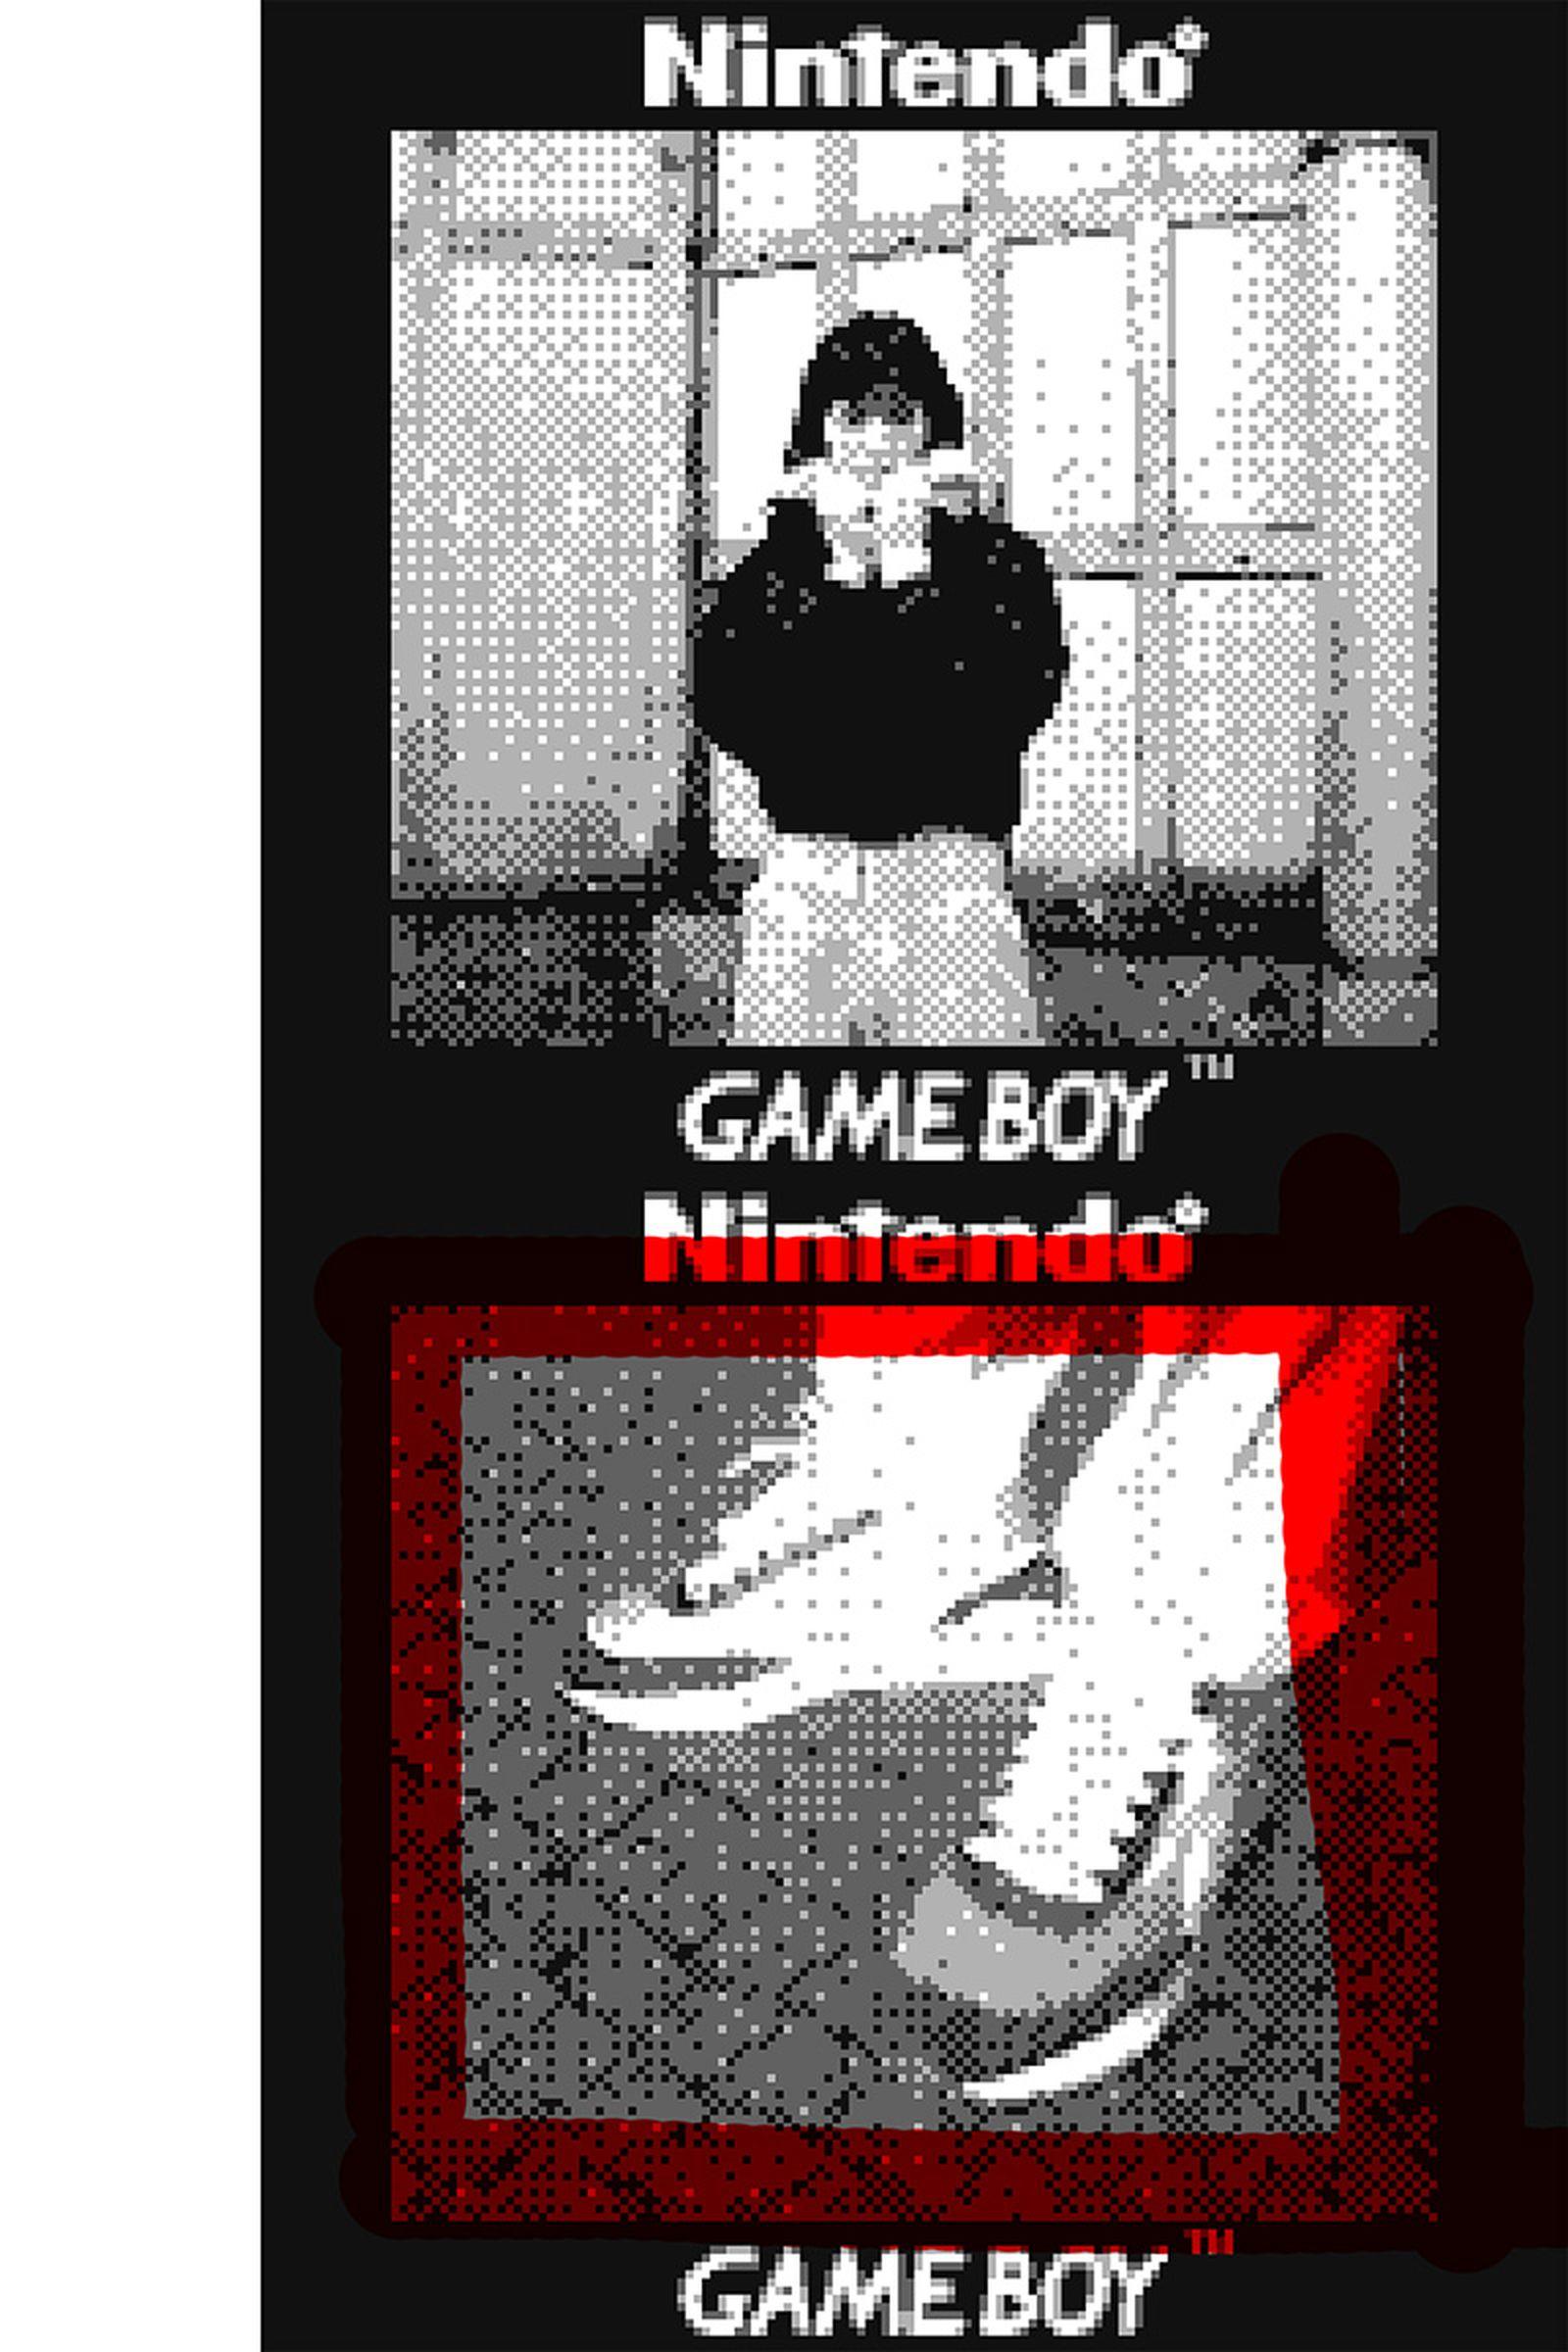 puma-gameboy-new-02